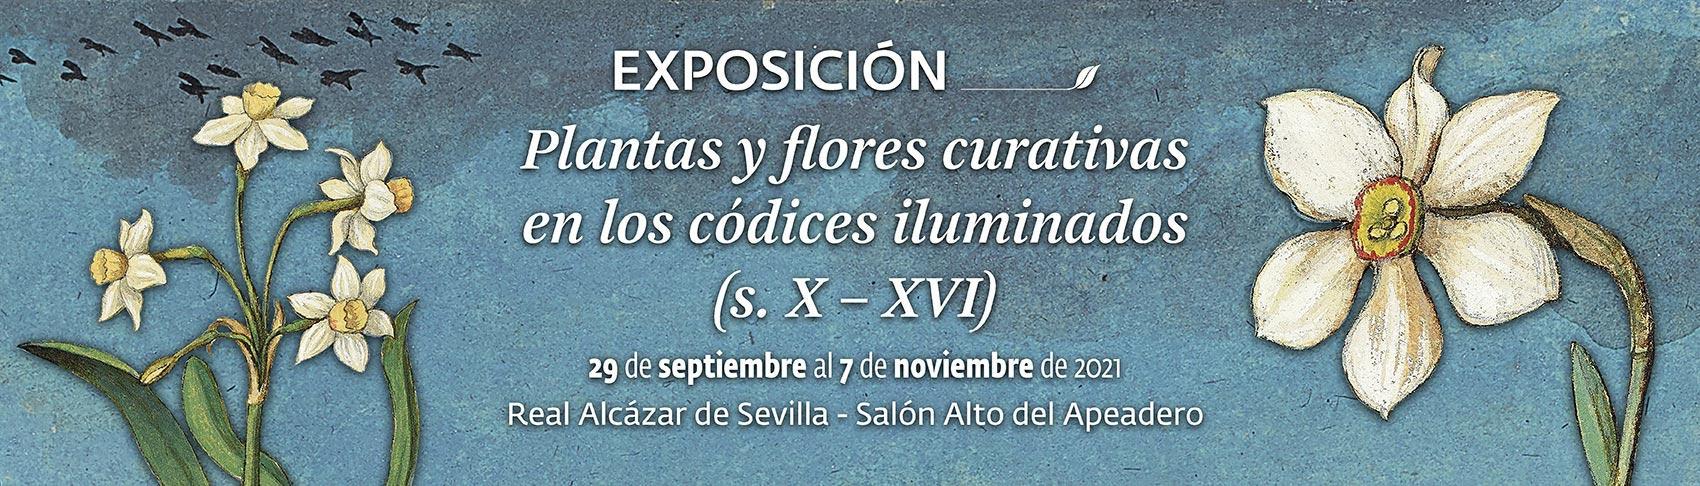 Exposición Plantas y flores curativas en los códices iluminados, s. X a XVI. 29 de septiembre al 7 de noviembre de 2021.